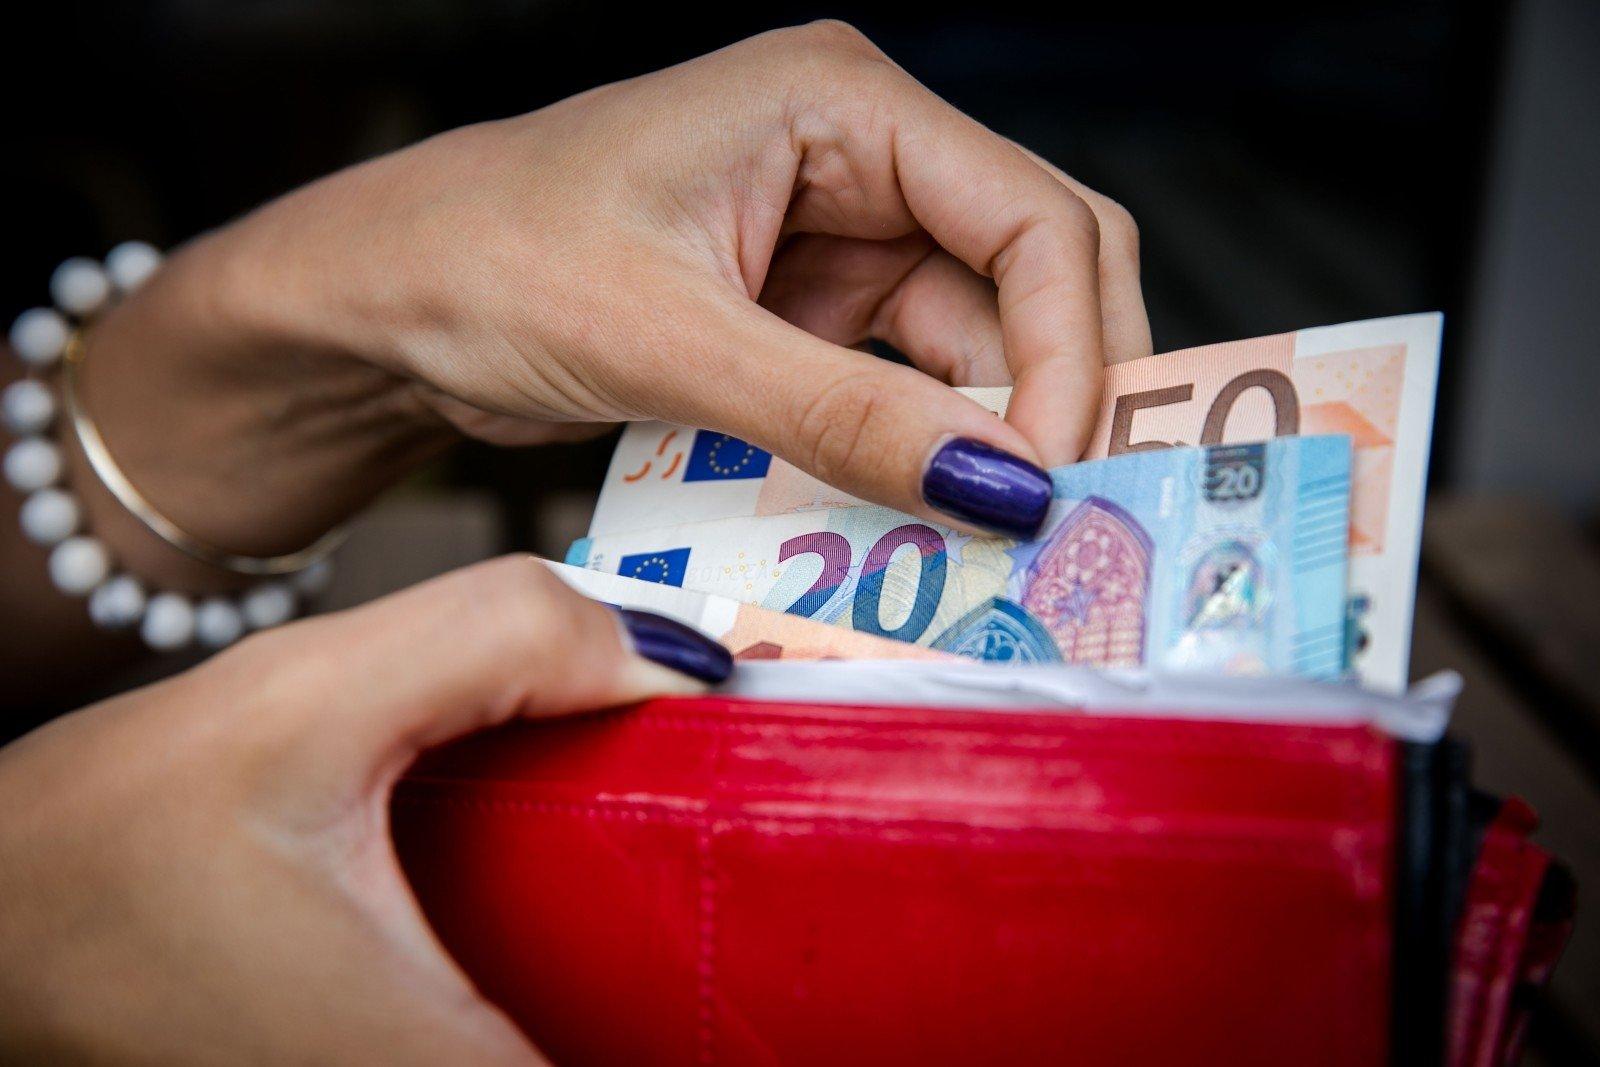 Kaip užsidirbti pinigų ir praturtėti, 100 būdų, kaip uždirbti milijardus